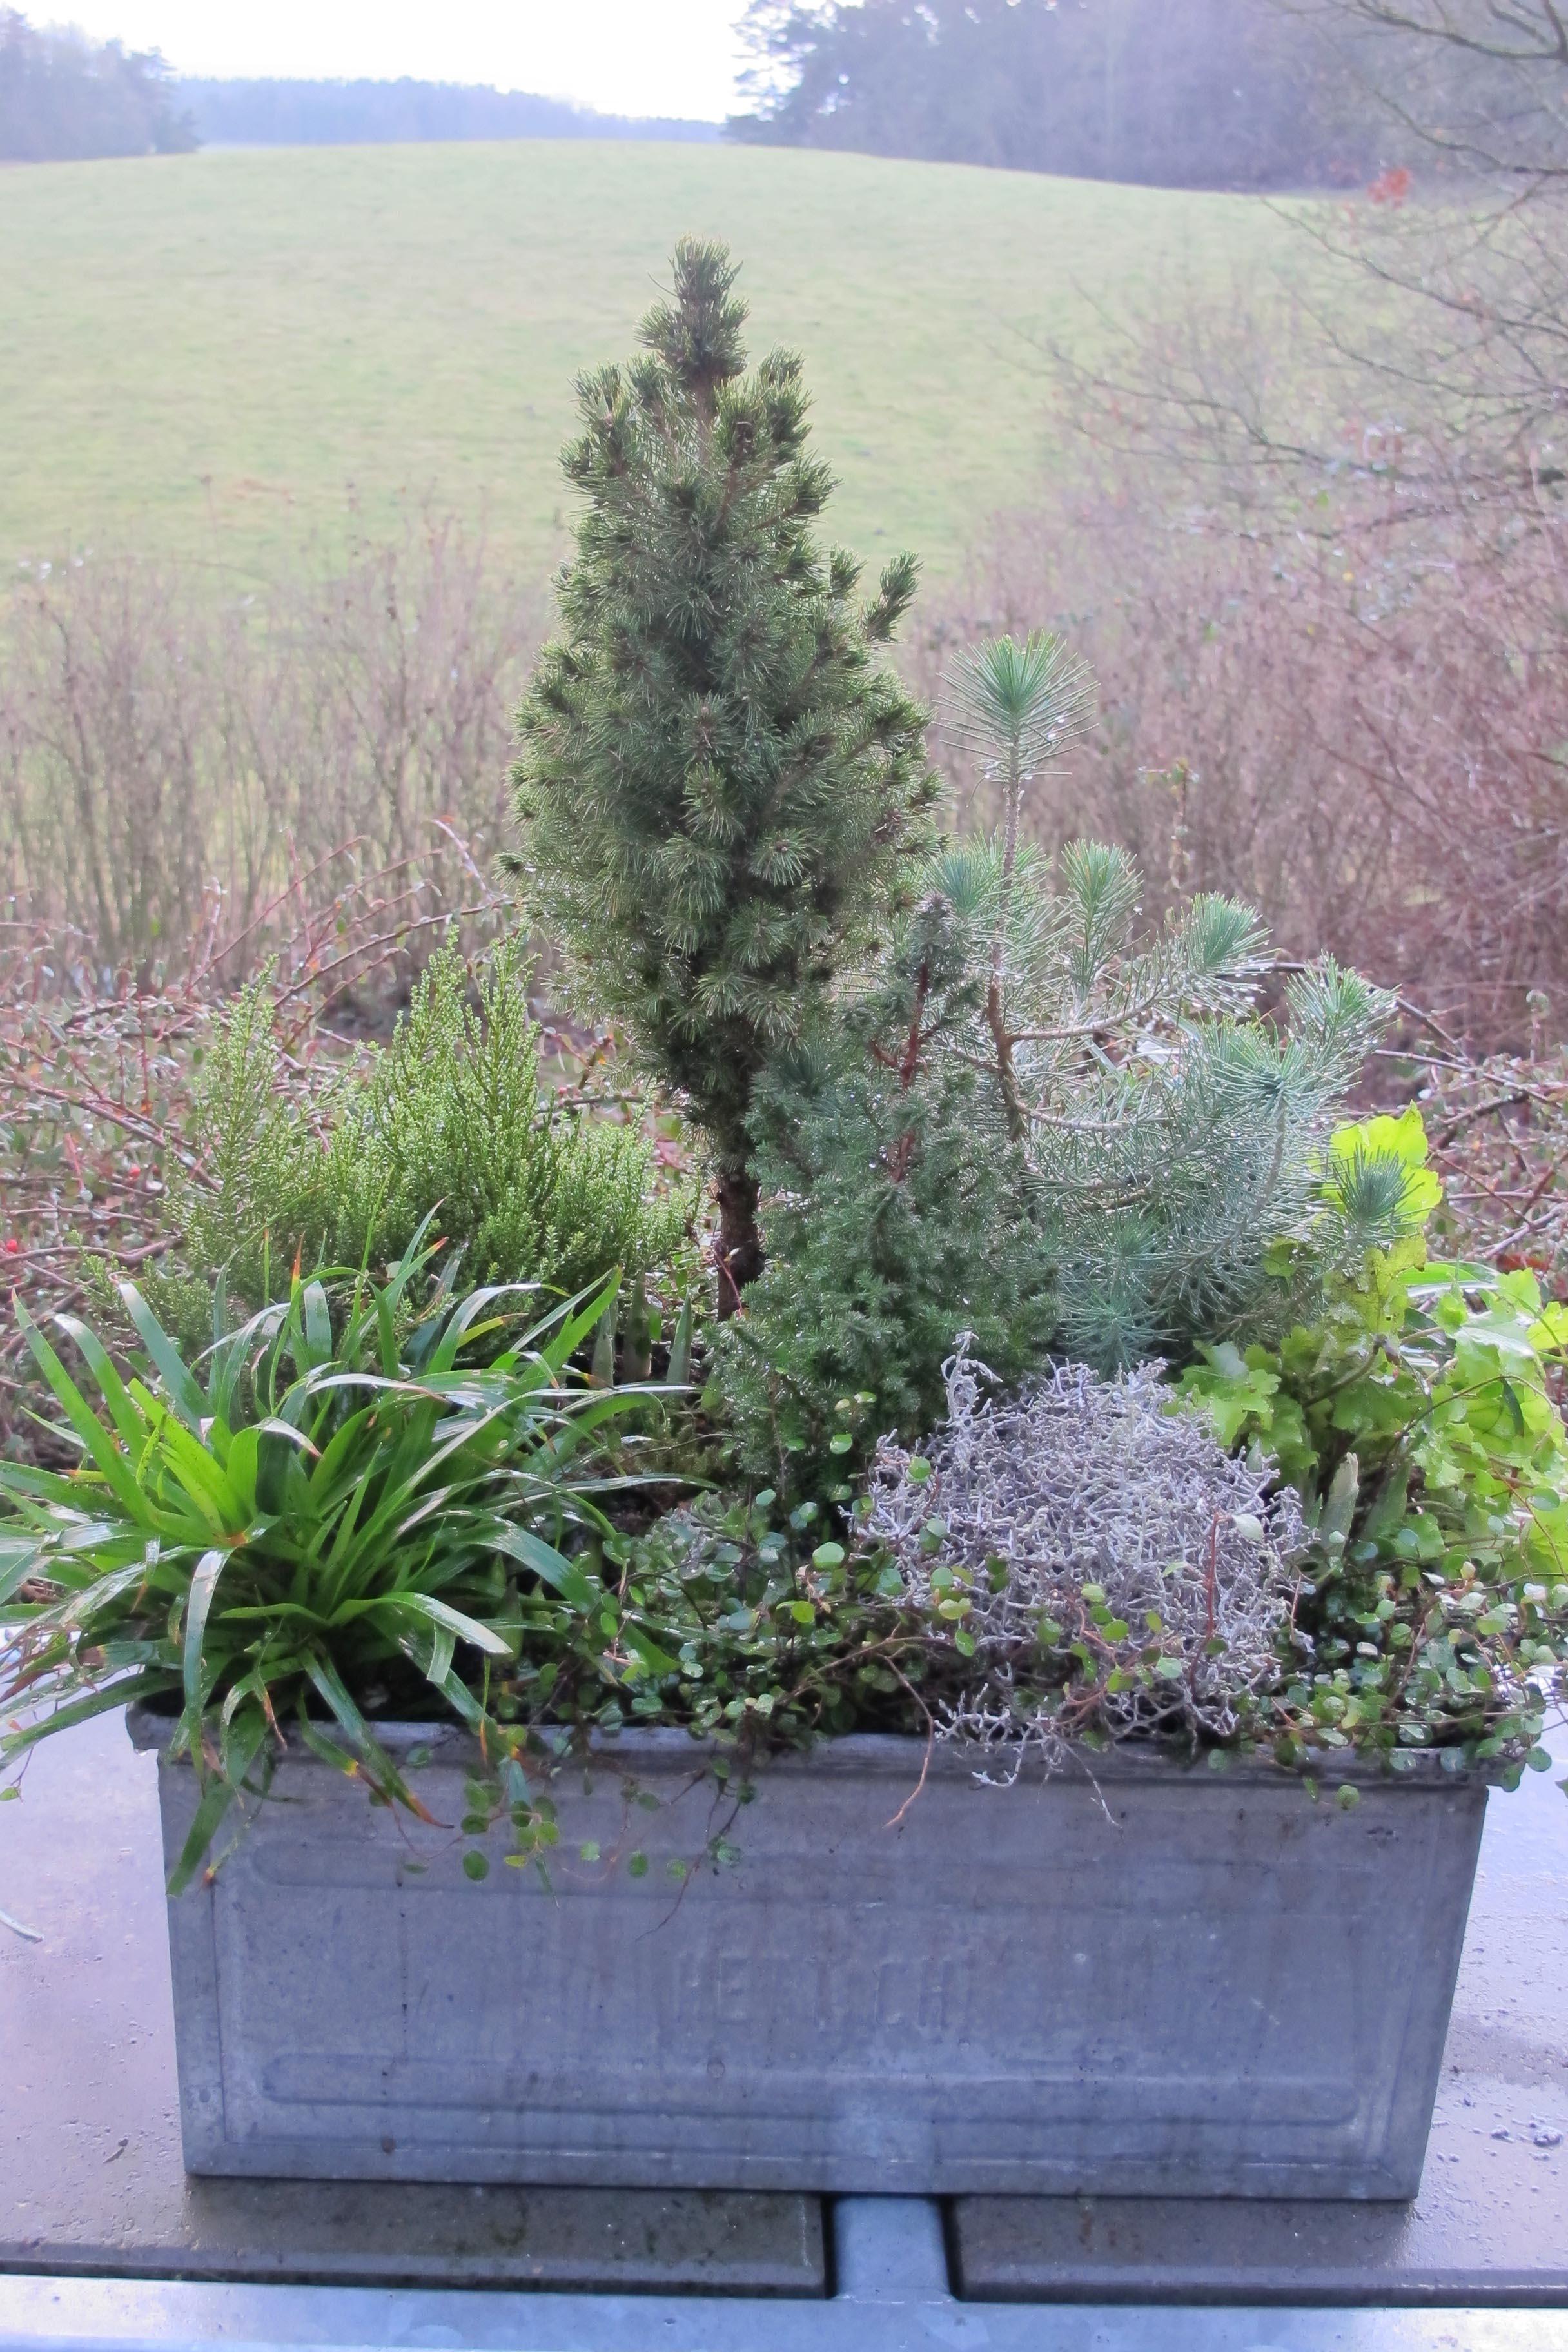 planter til vinterkrukker